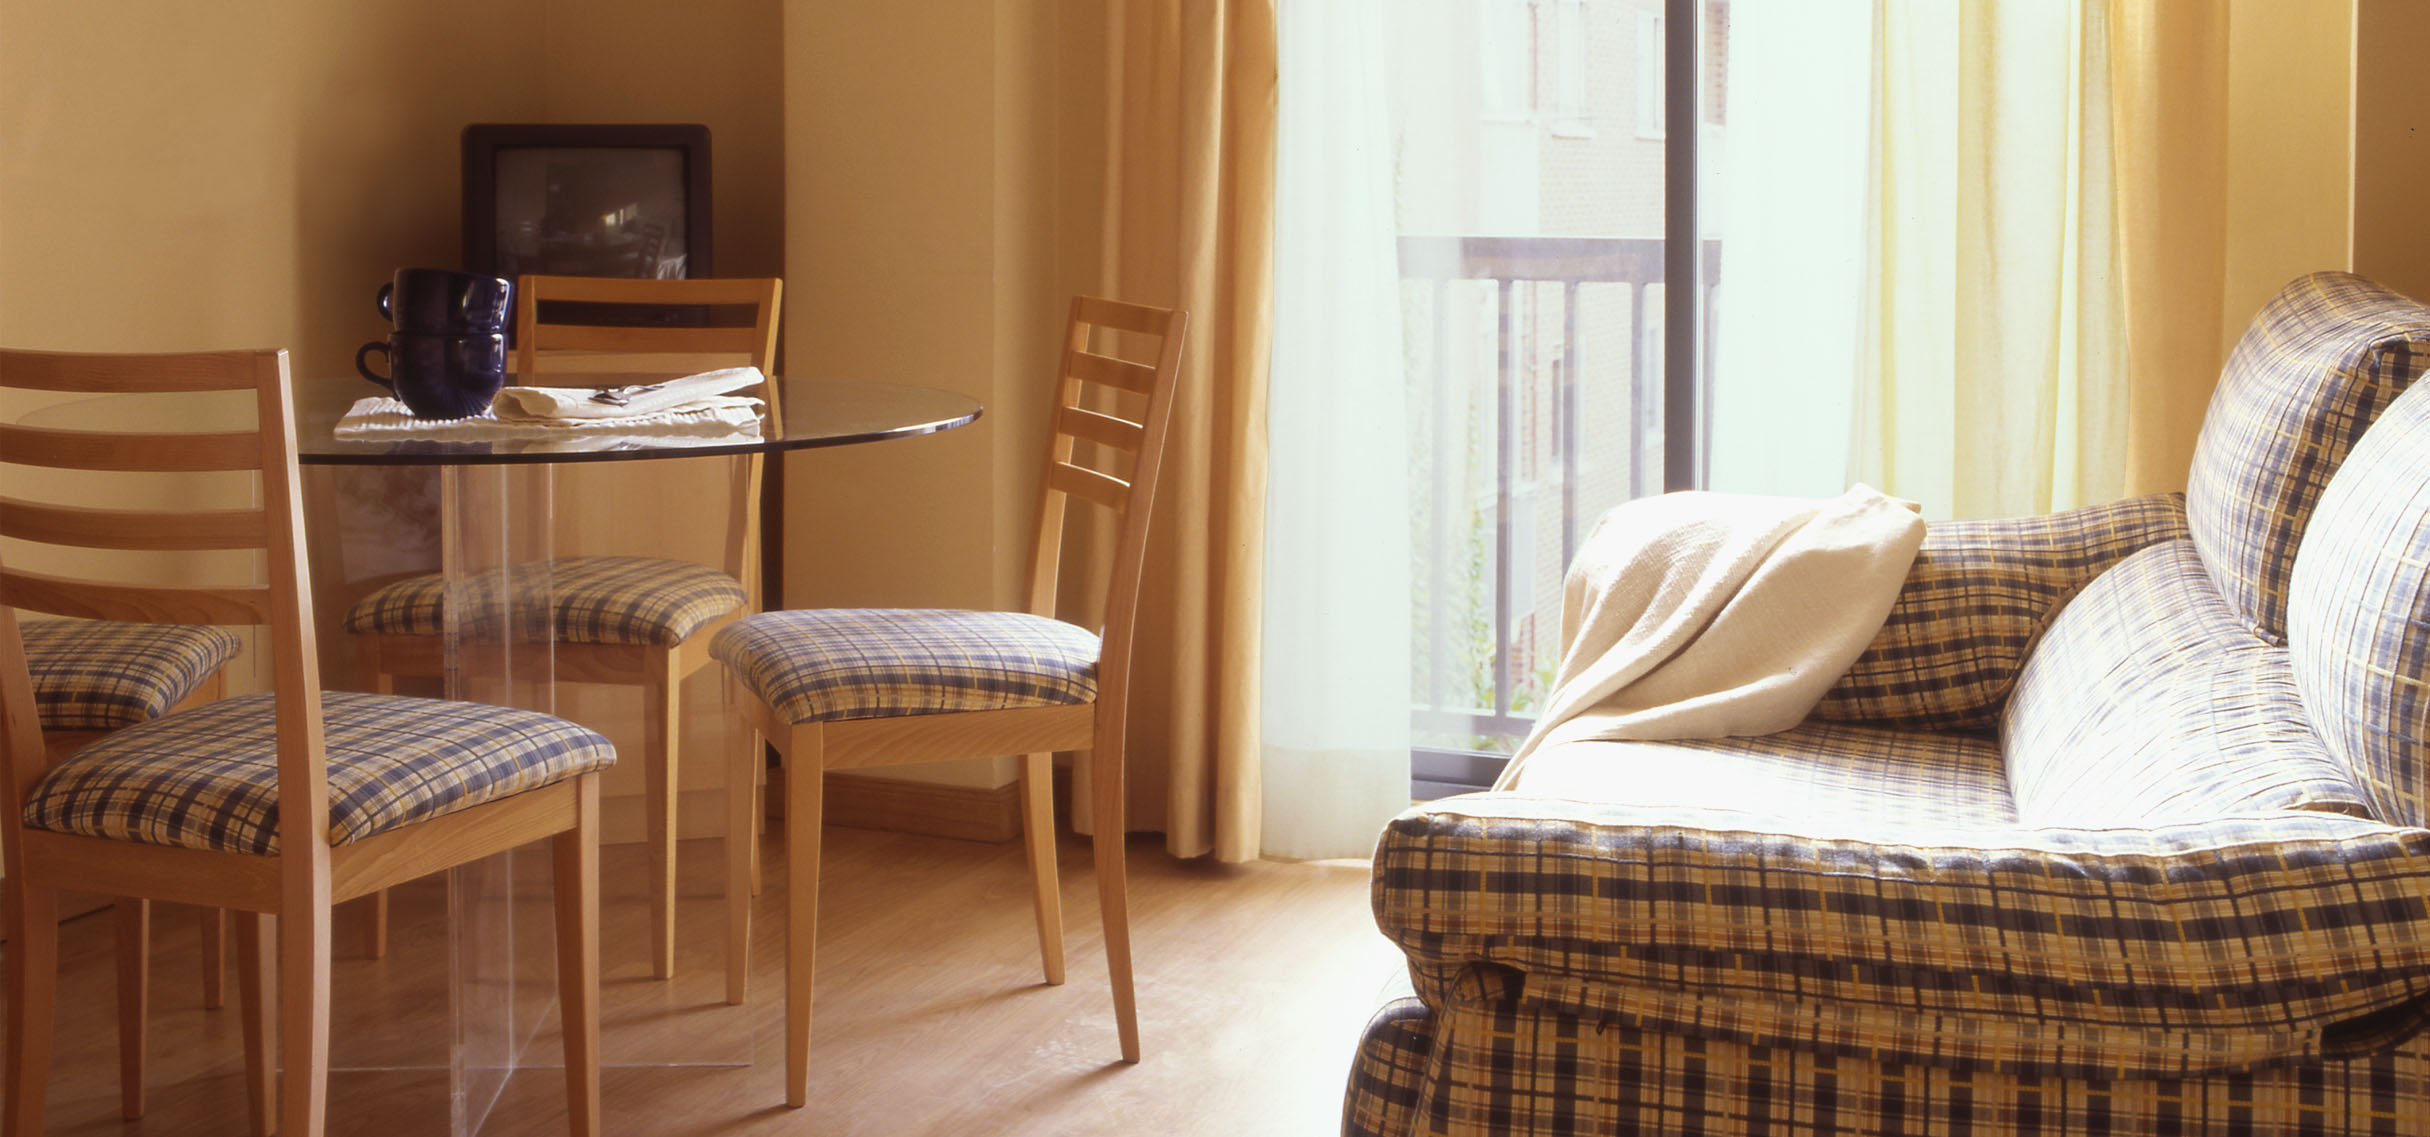 Alquiler apartamentos amueblados en madrid por meses for Alquiler pisos vacios madrid